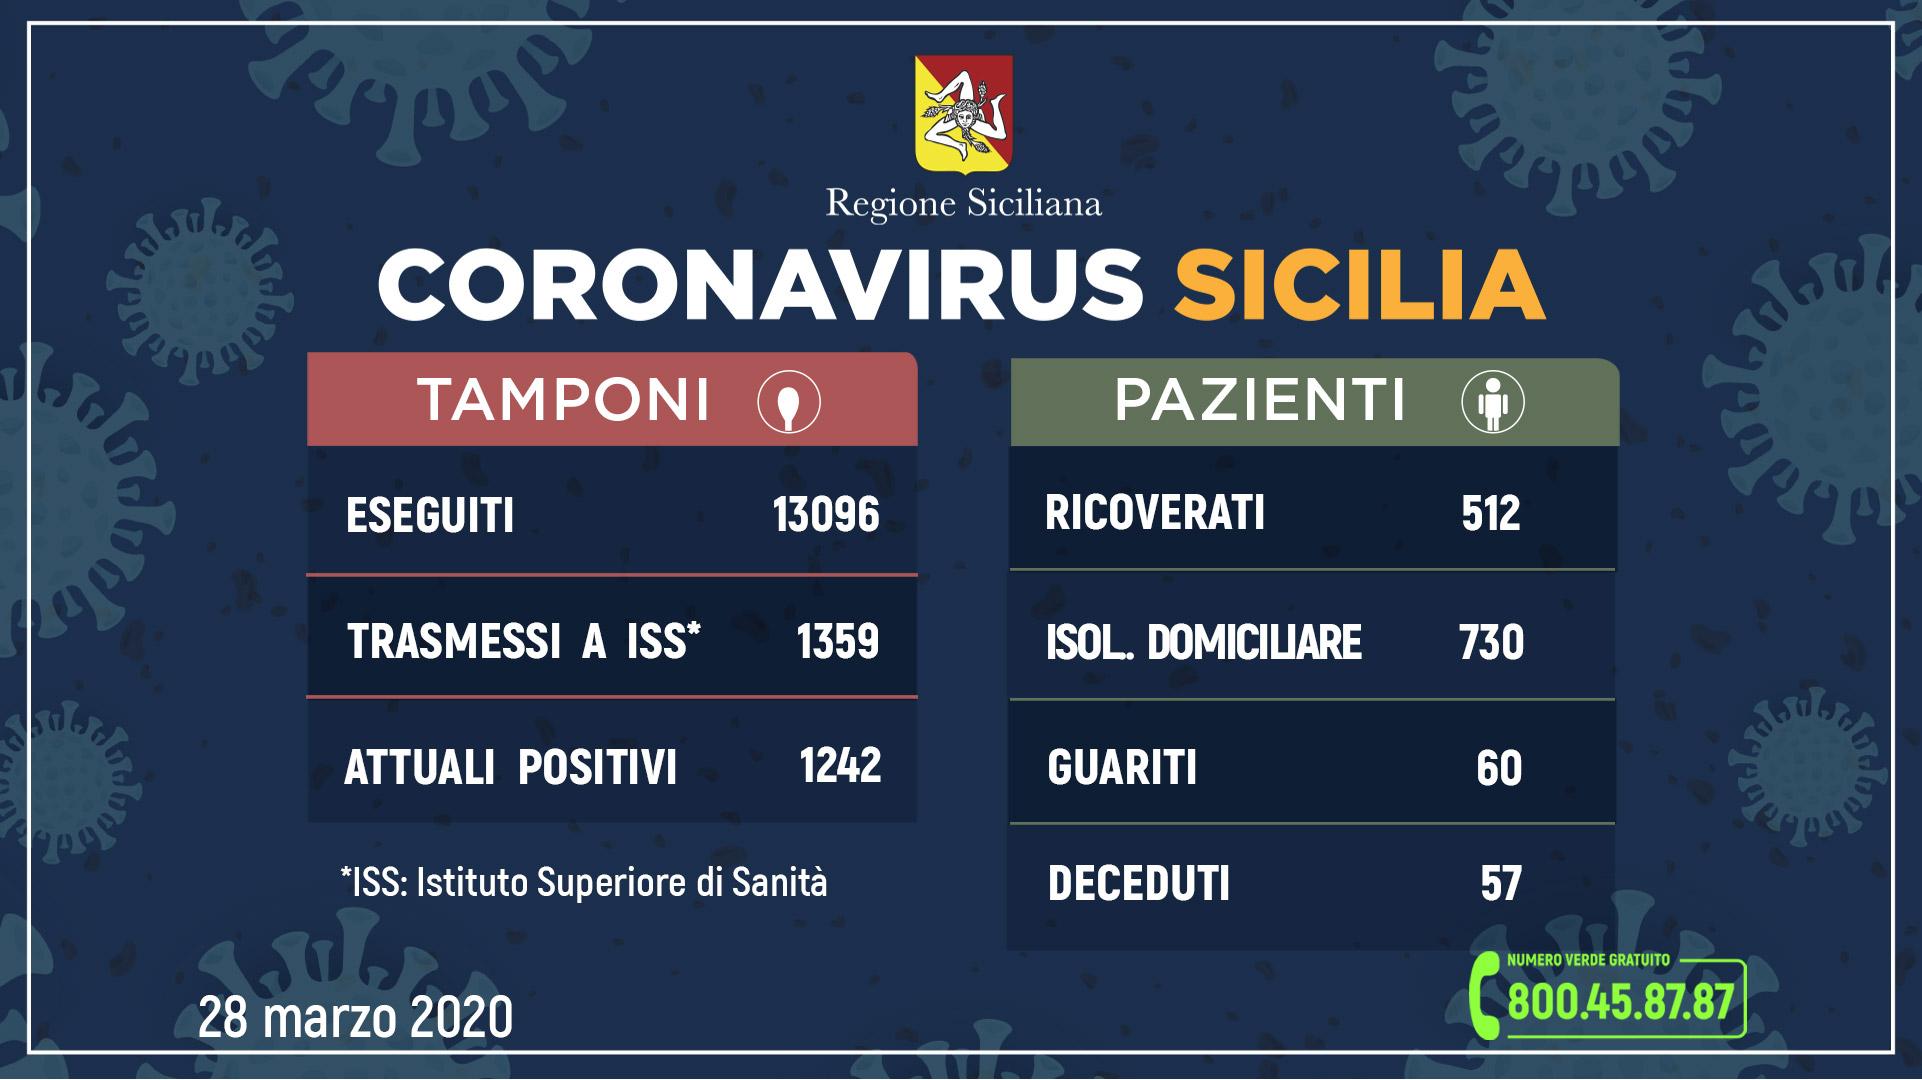 Coronavirus, in Sicilia 1.242 attuali positivi e 60 guariti